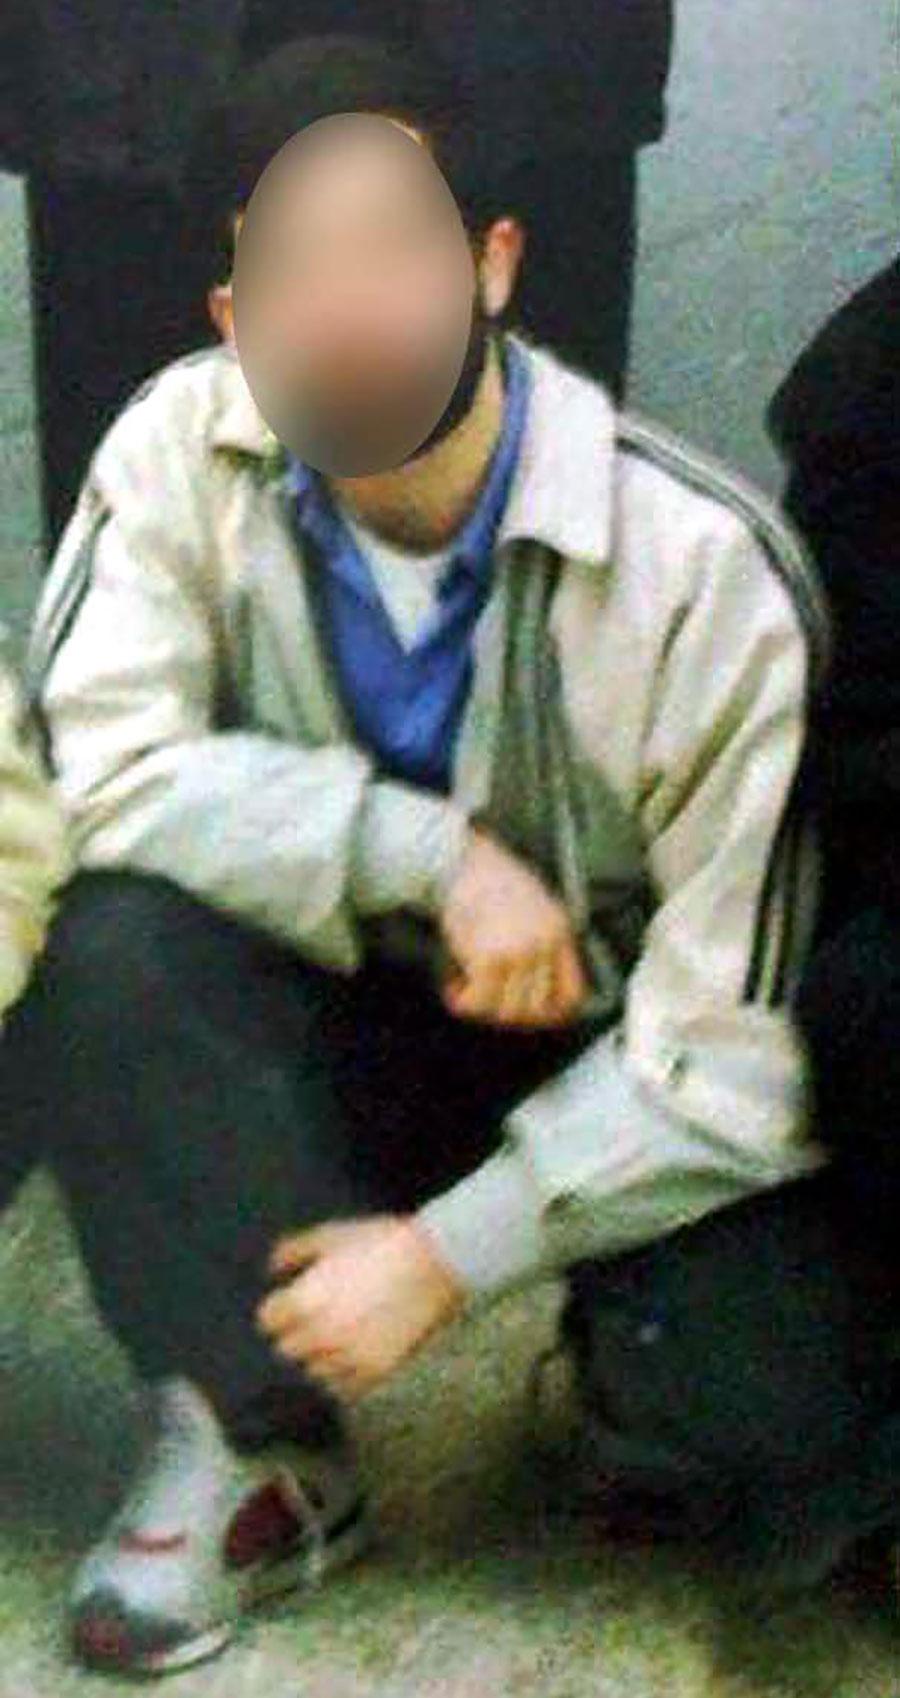 'Hizbullah terör örgütüne üye olmak' suçundan 4 yıl 2 ay hapis cezası aldı